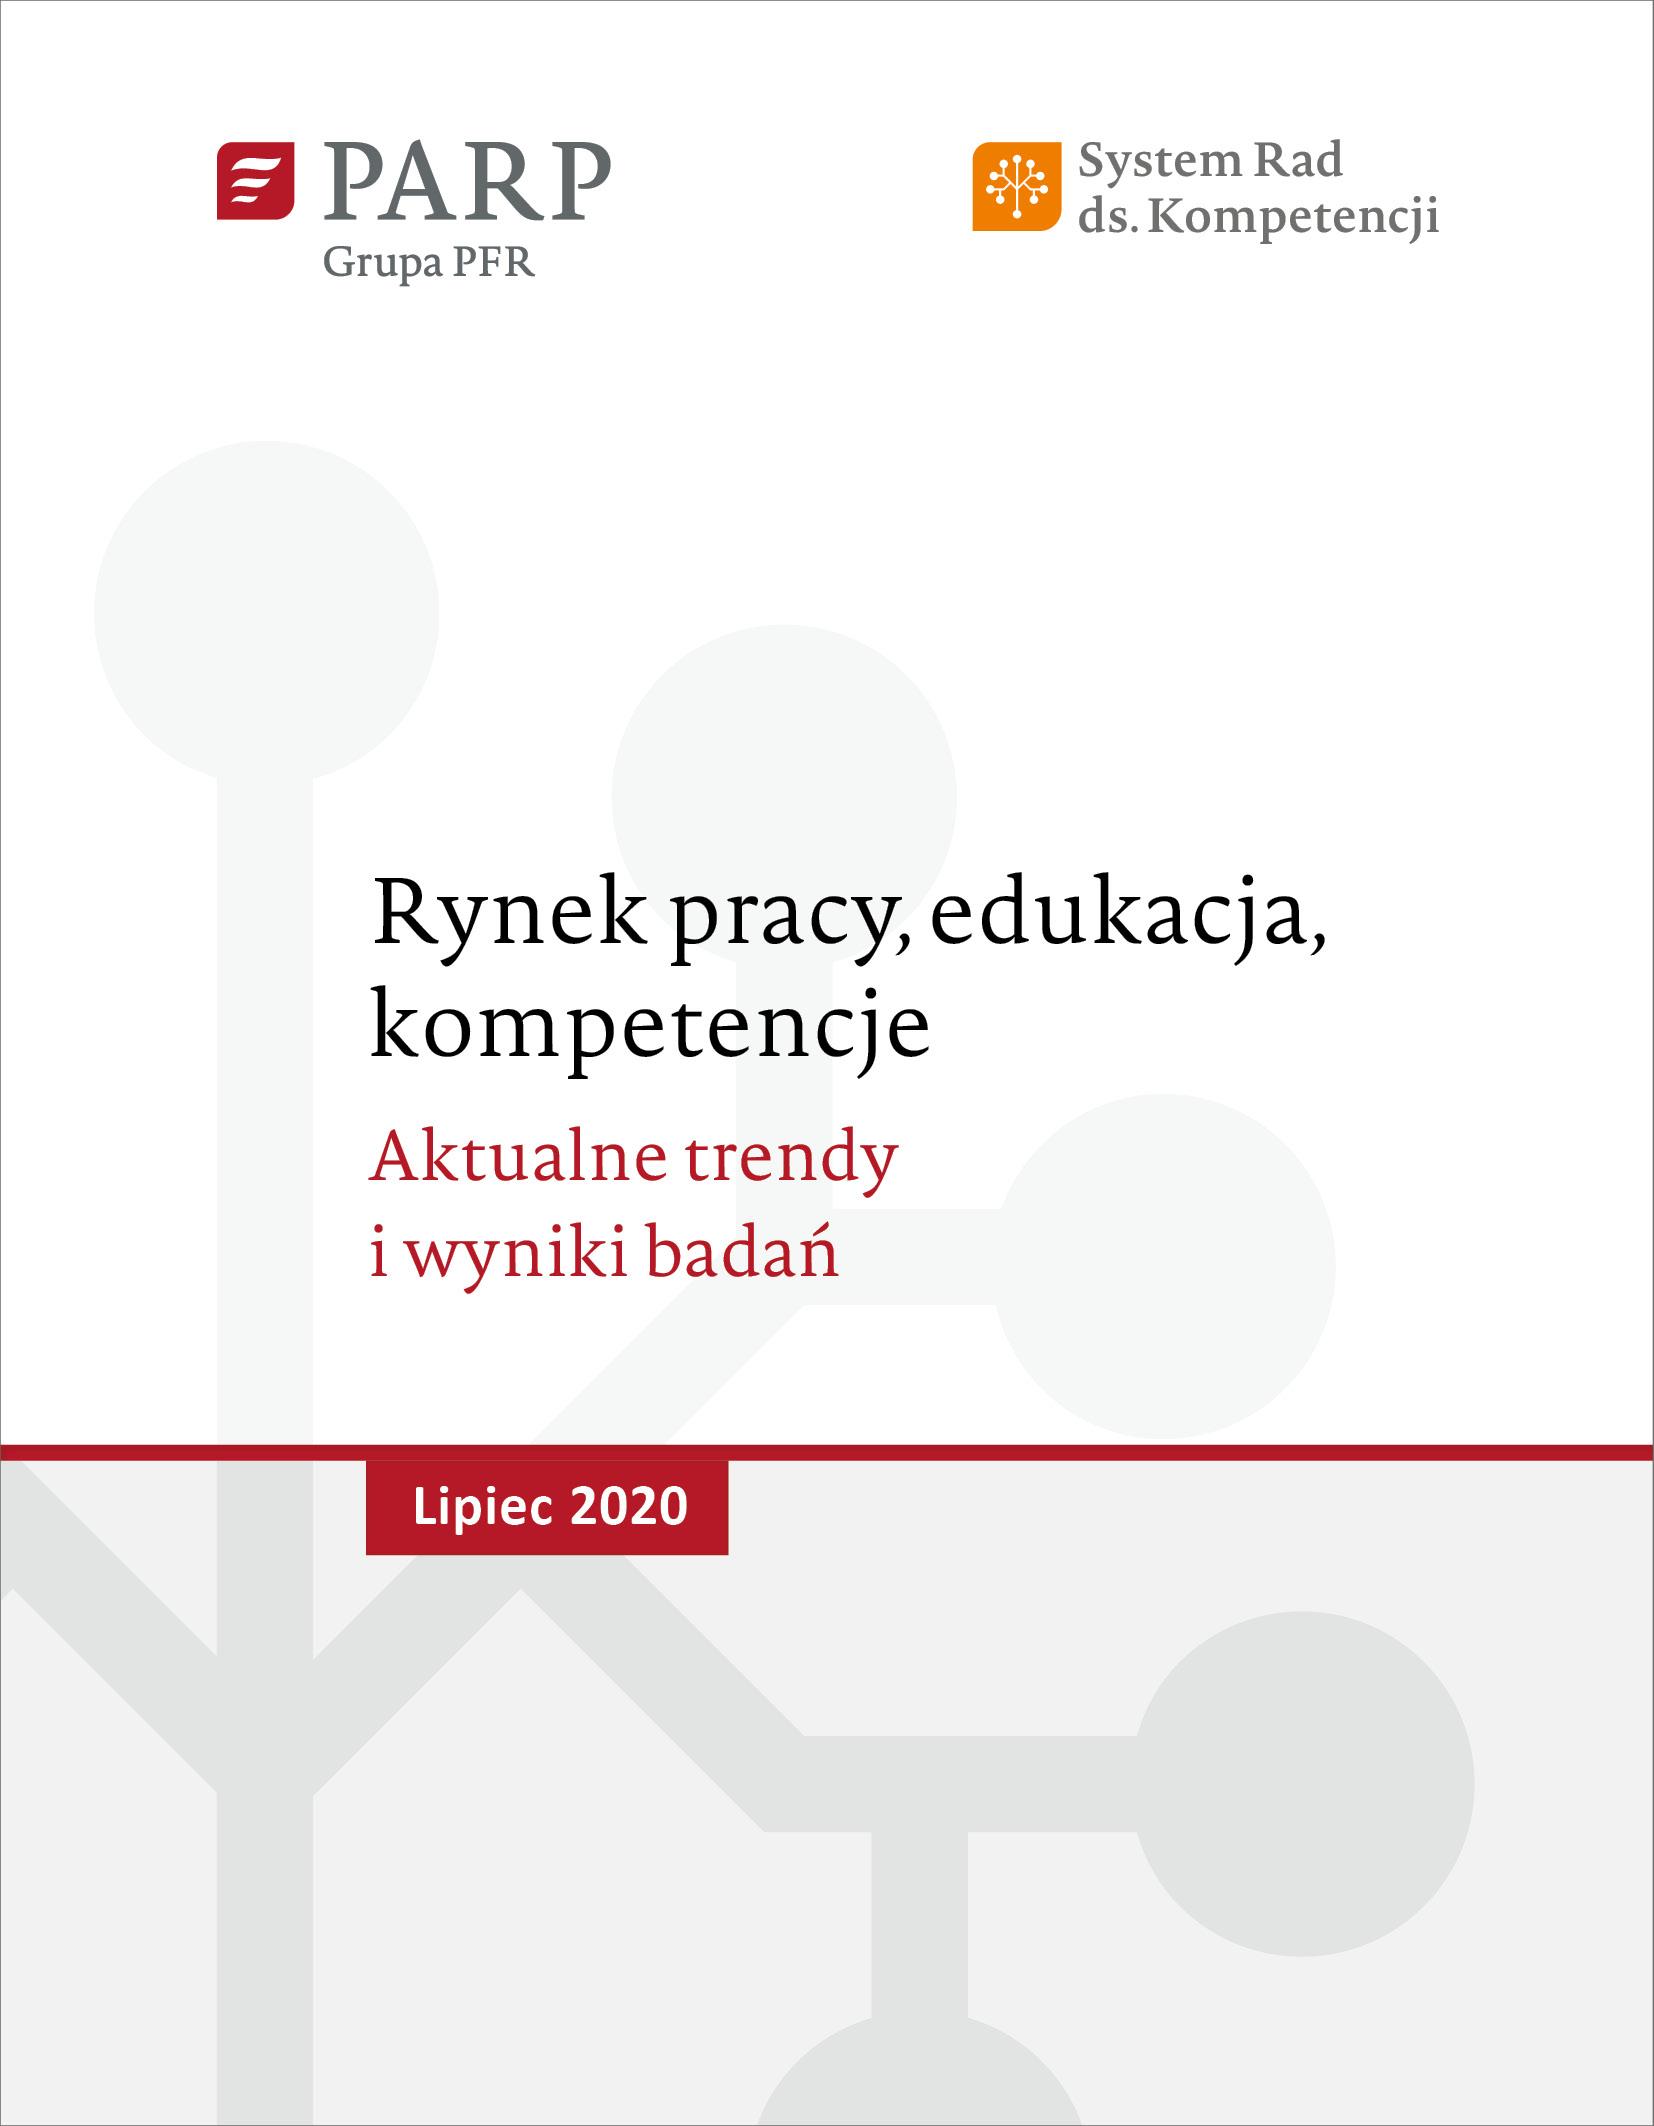 Rynek pracy, edukacja, kompetencje - lipiec 2020